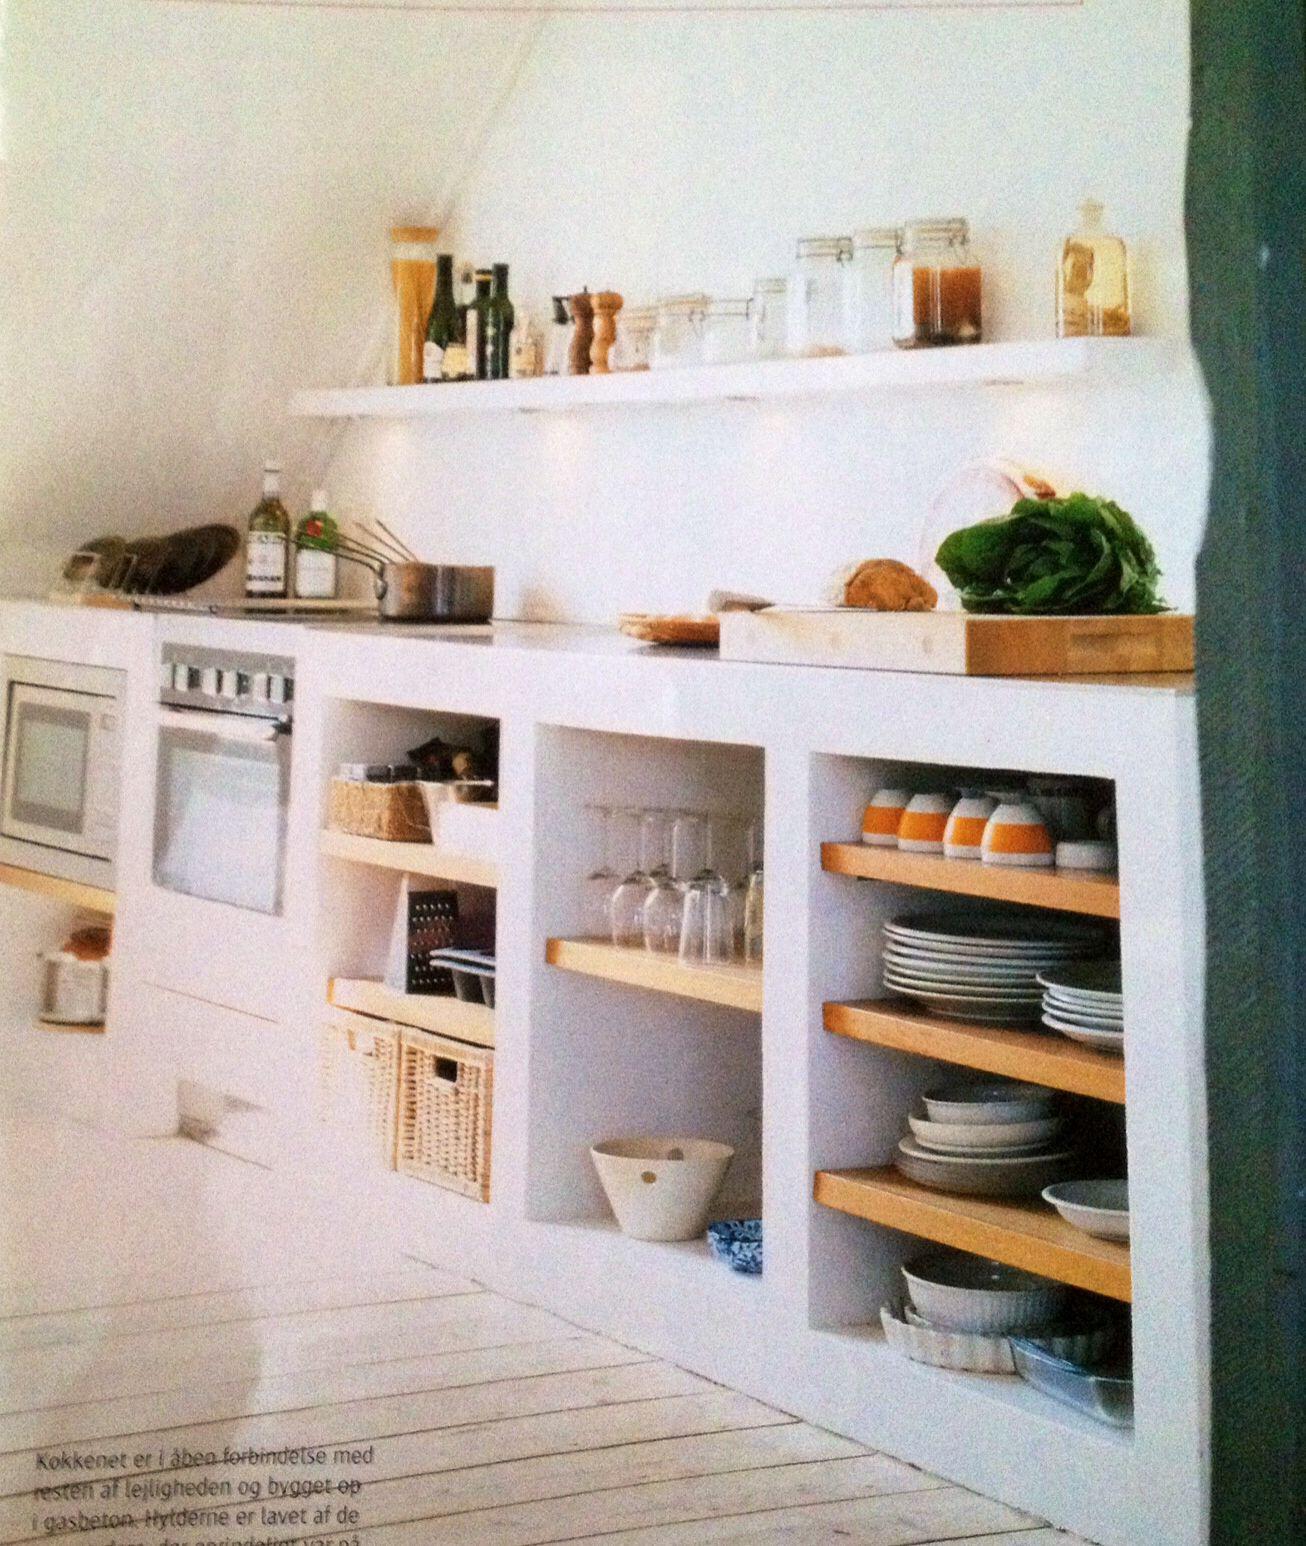 tisch selber bauen kosten kuchen selber bauen ideen